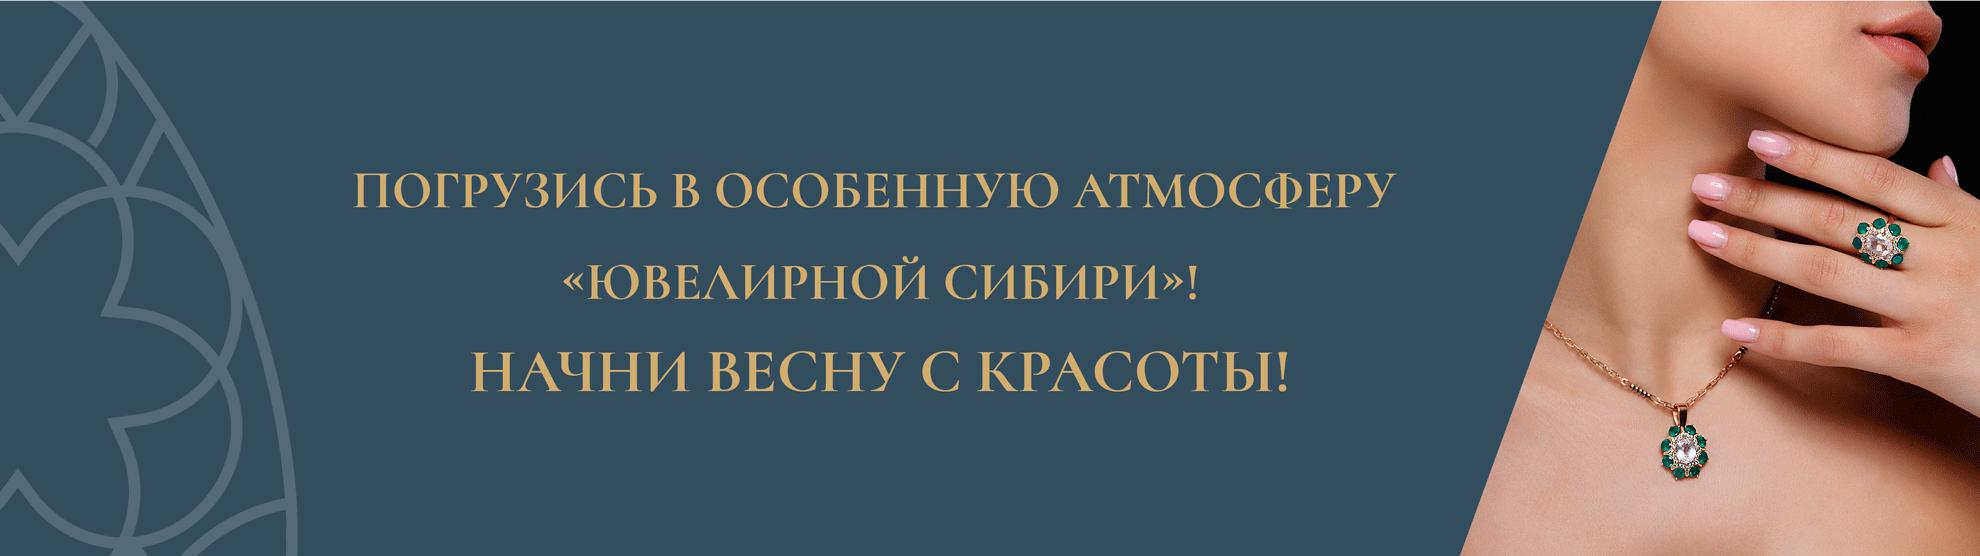 Ювелирная Сибирь